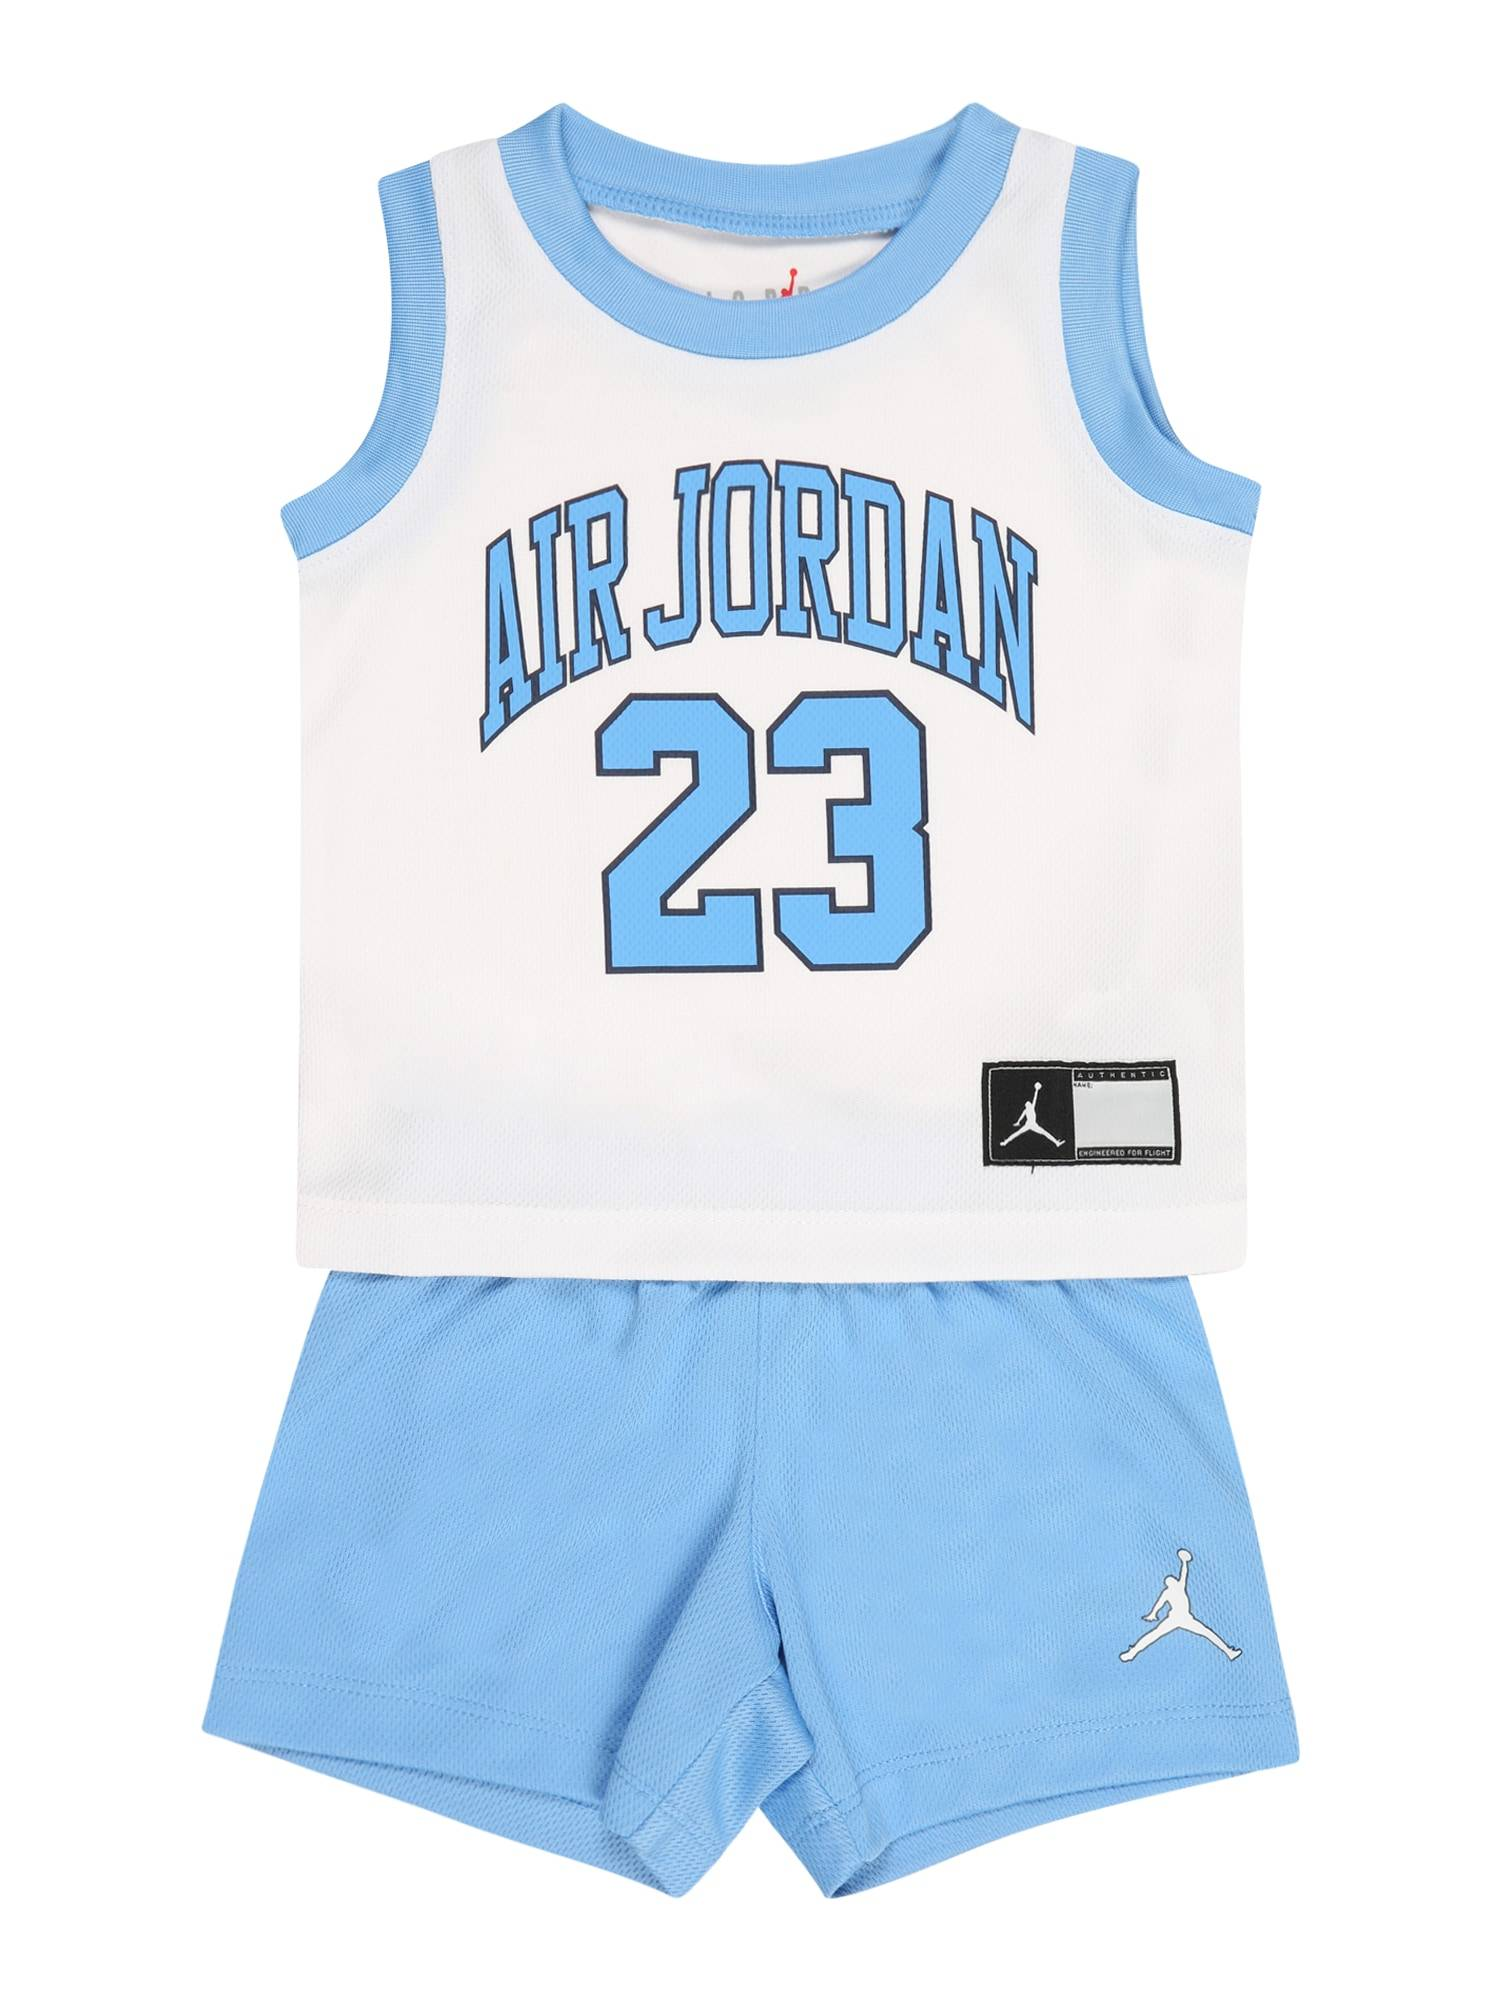 Jordan Survêtement  - Bleu - Taille: 86-92 - boy